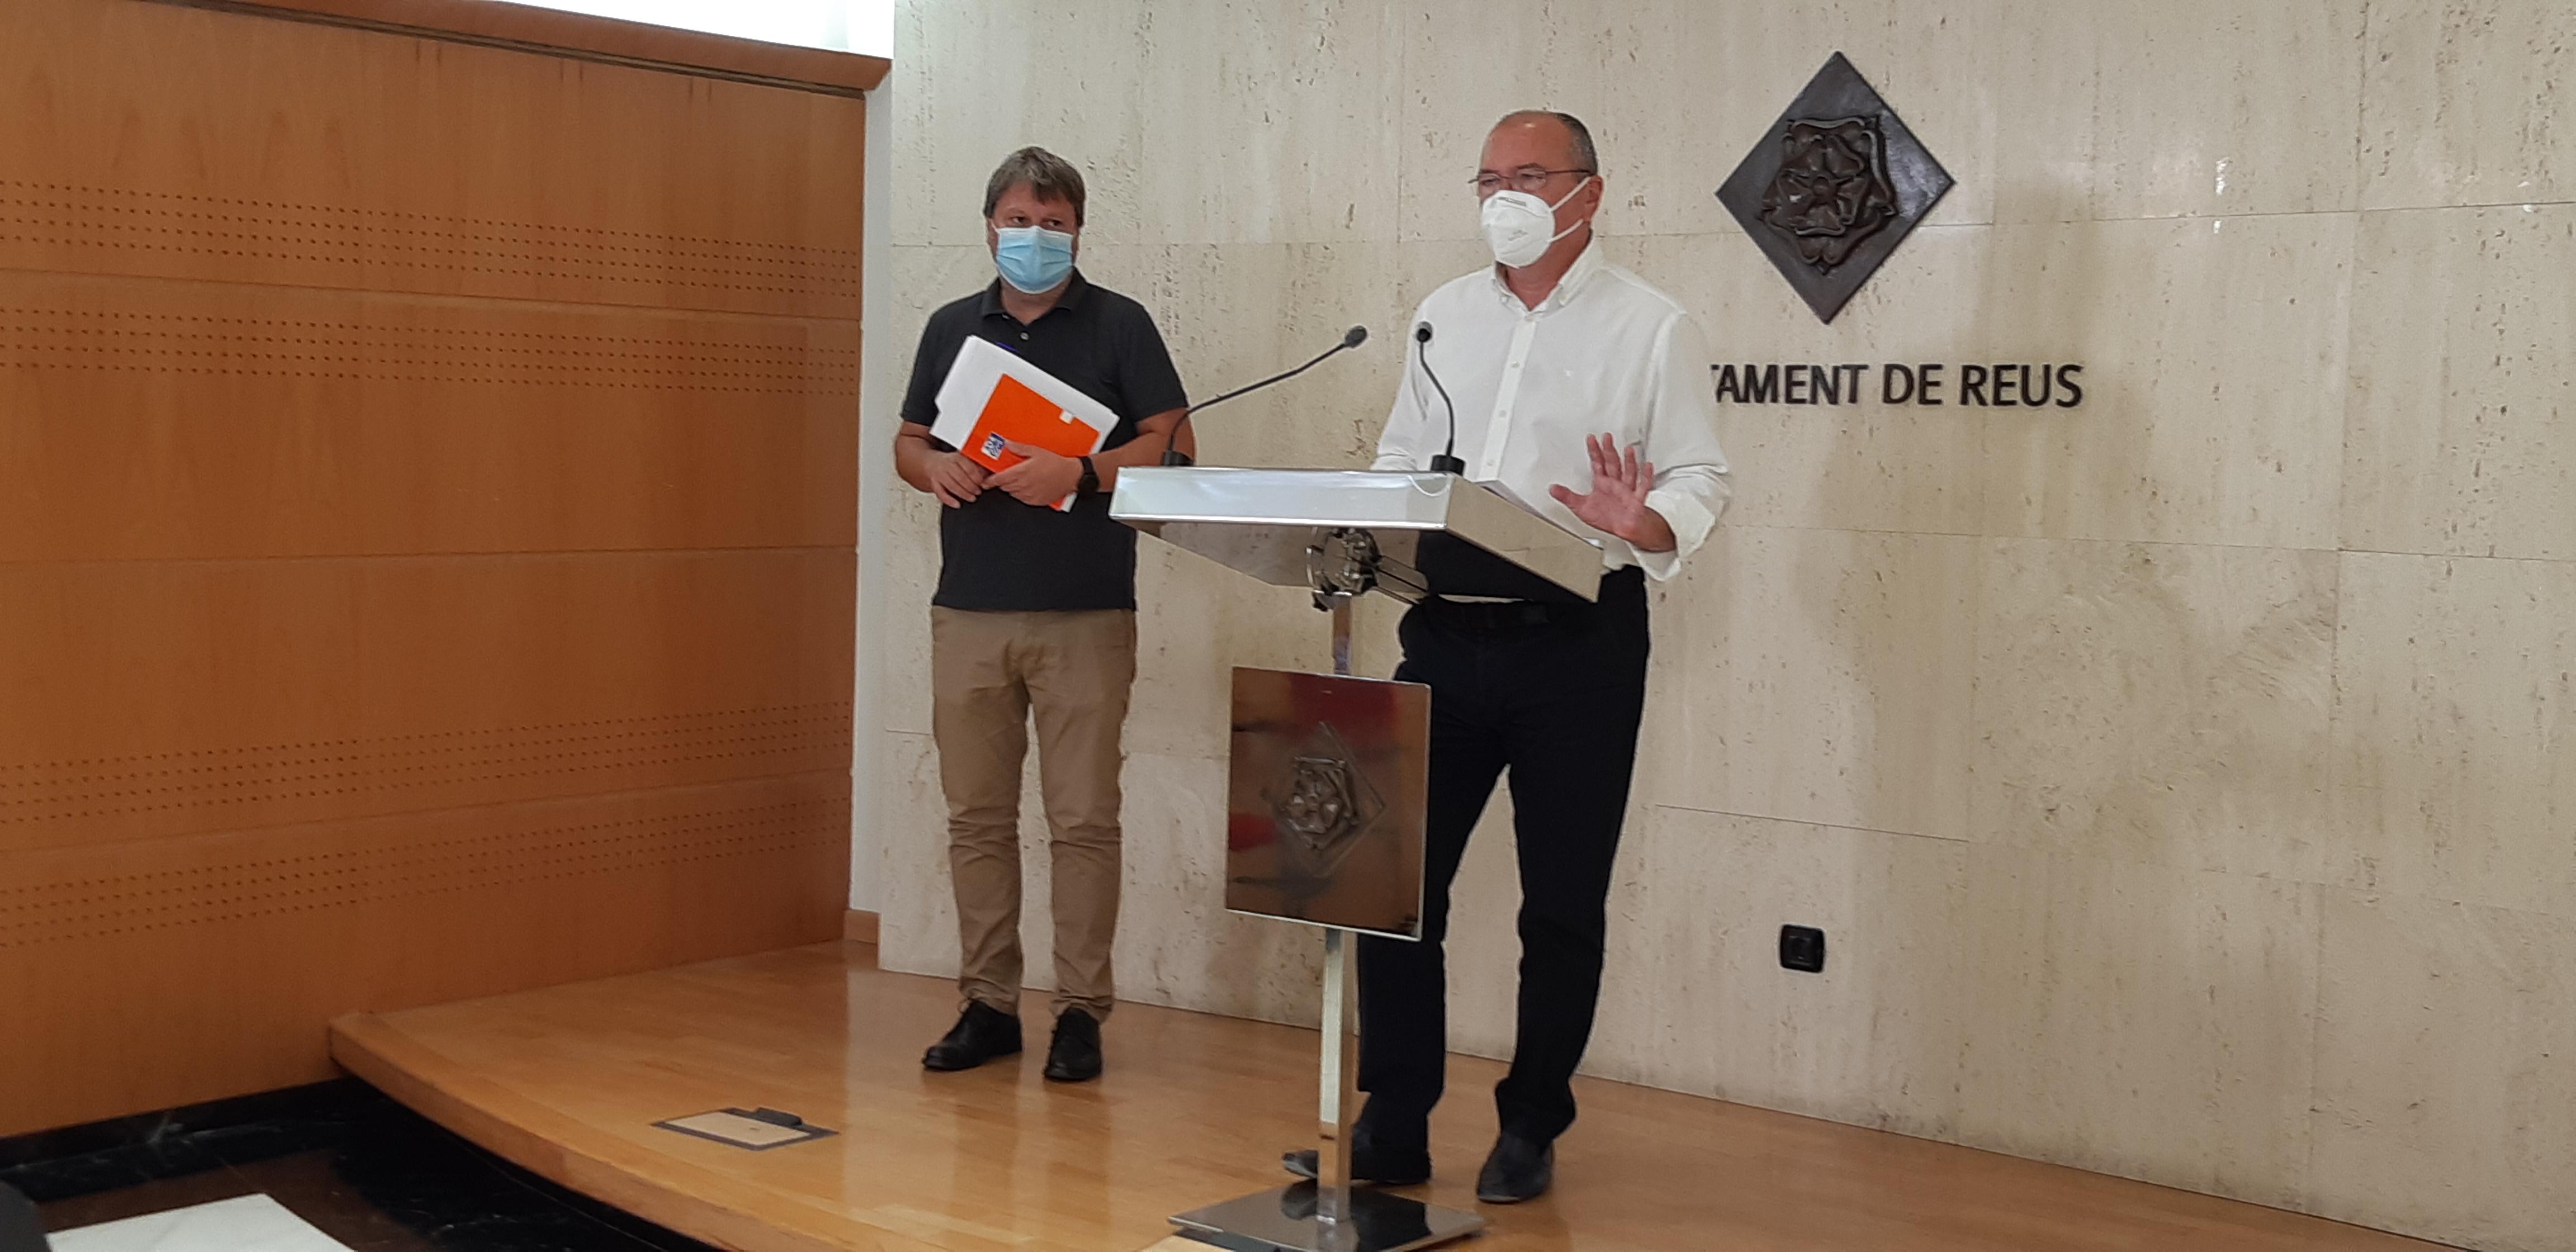 L'alcalde de Reus, Carles Pellicer; i el regidor de Salut i Ciutadania, Òscar Subirats, han demanat a la ciutadania de Reus que mantingu...